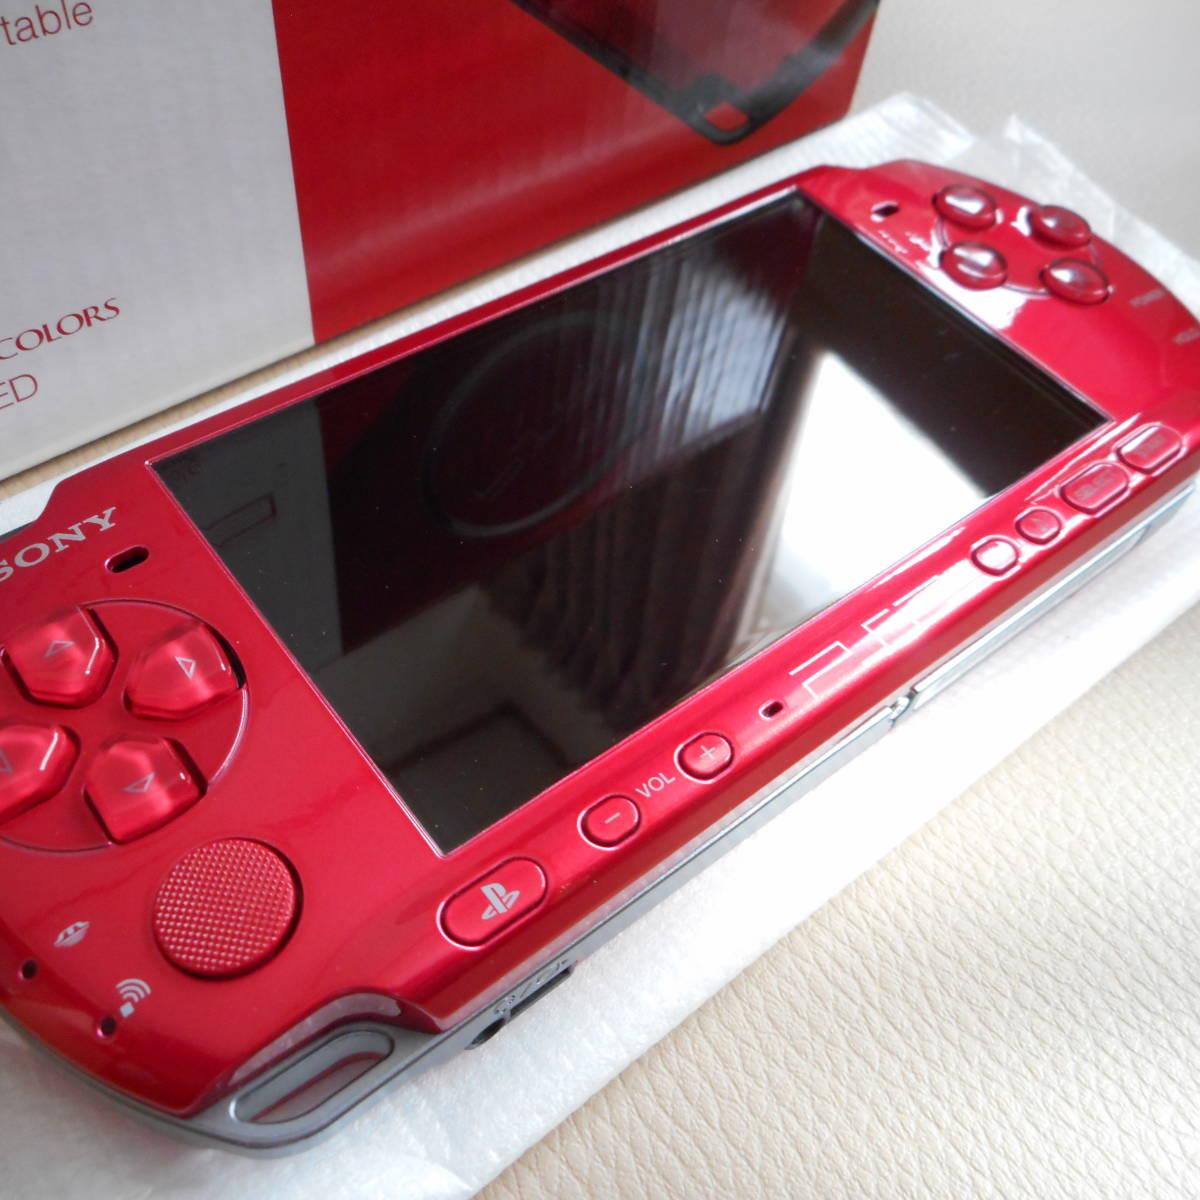 ☆★新品未使用★プレーステーションポータブル PSP-3000RRラディアンレッド_画像8